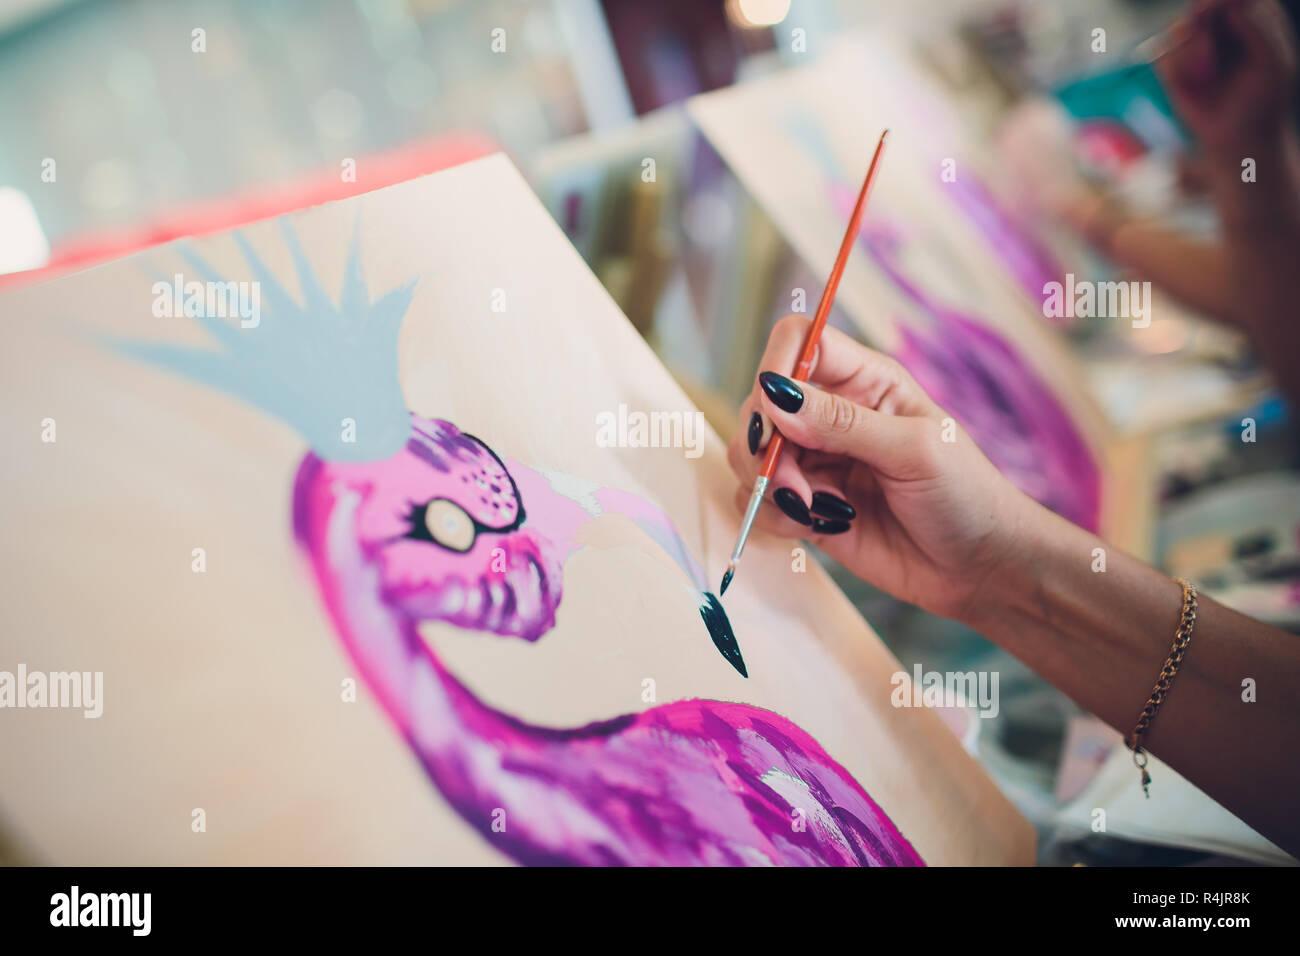 La Peinture Sur Toile Des Flamants Roses Sur Une Veste Le Dessin Avec Les Peintures Smartphone Photo Stock Alamy